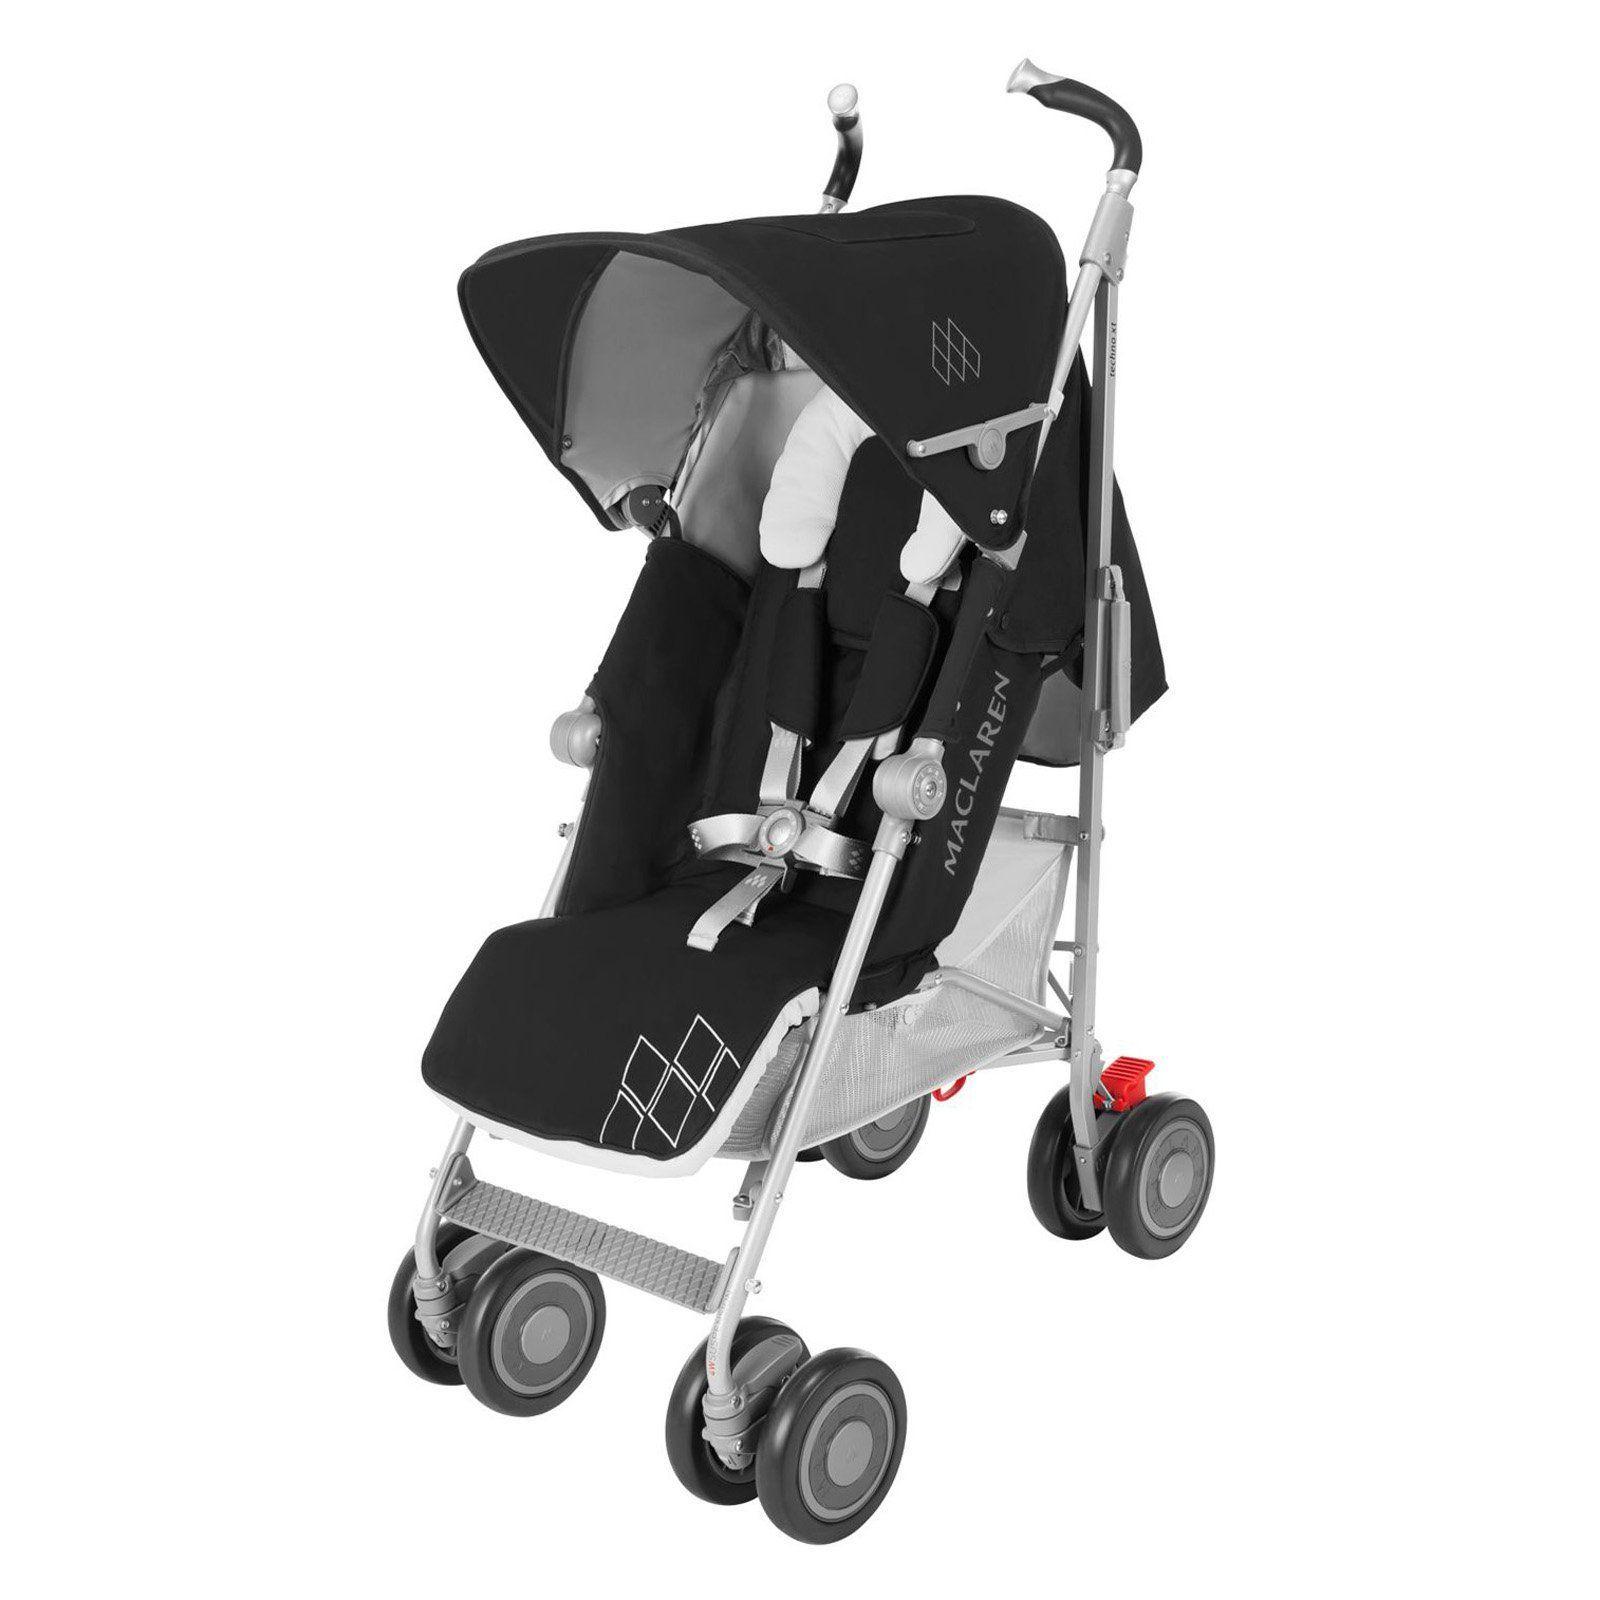 Maclaren Techno XT Lightweight Stroller Black/Silver